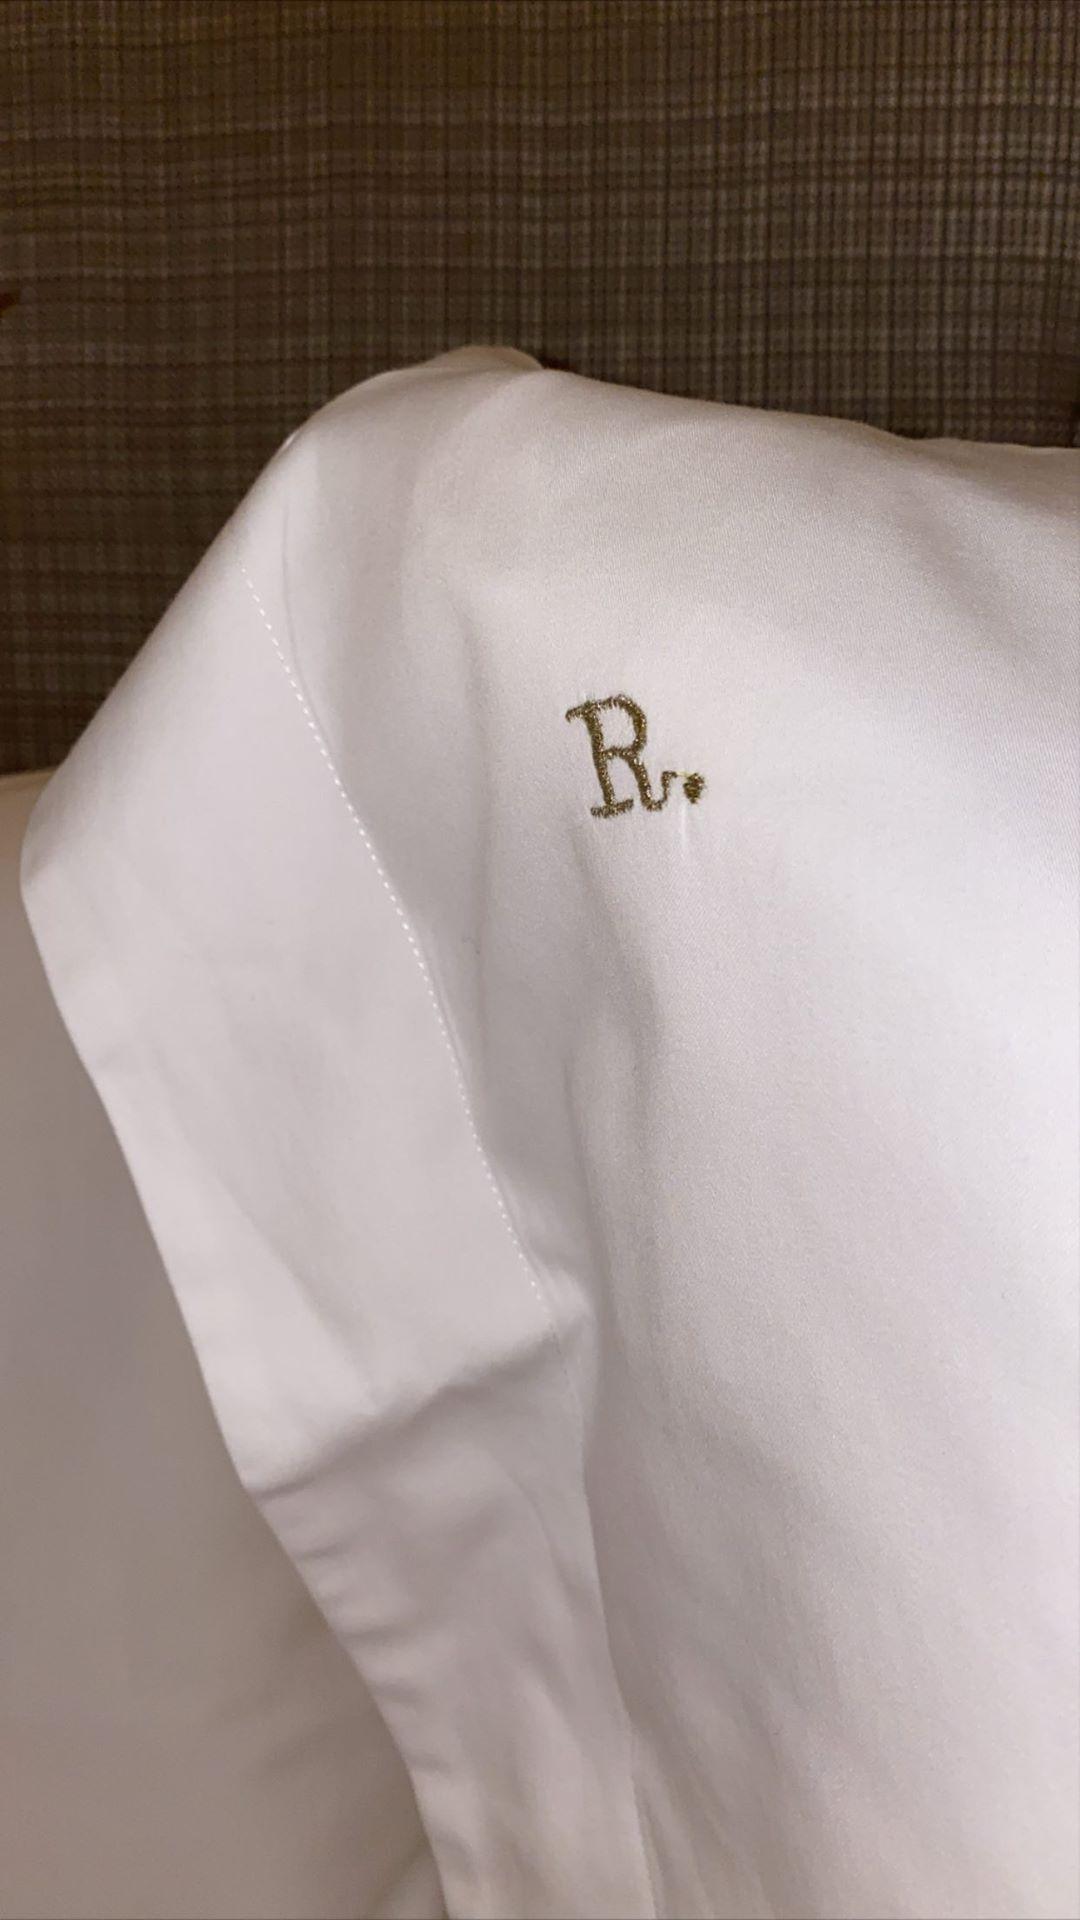 Áo sơ mi thêu chữ R của Saint Laurent dành riêng cho Rosé Blackpink